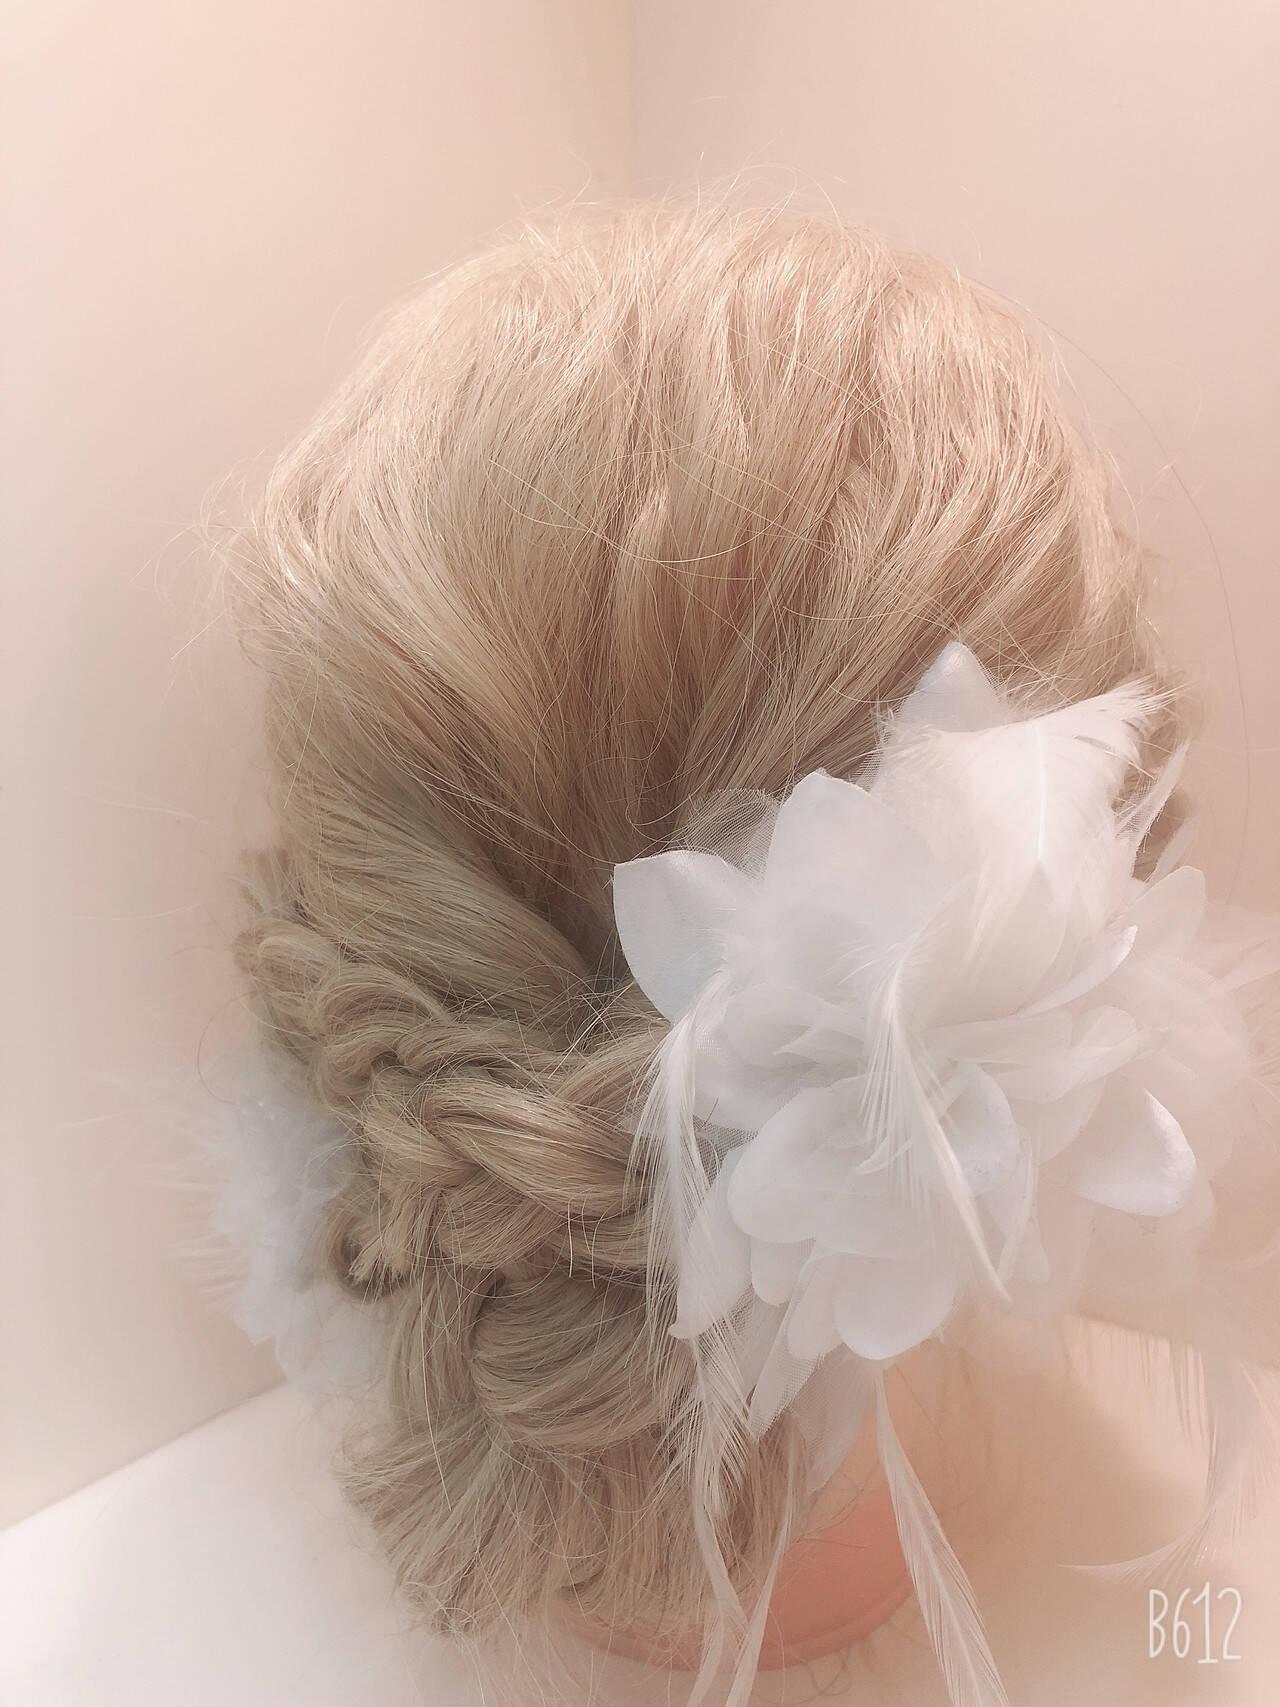 ナチュラル セミロング 簡単ヘアアレンジ 結婚式ヘアアレンジヘアスタイルや髪型の写真・画像